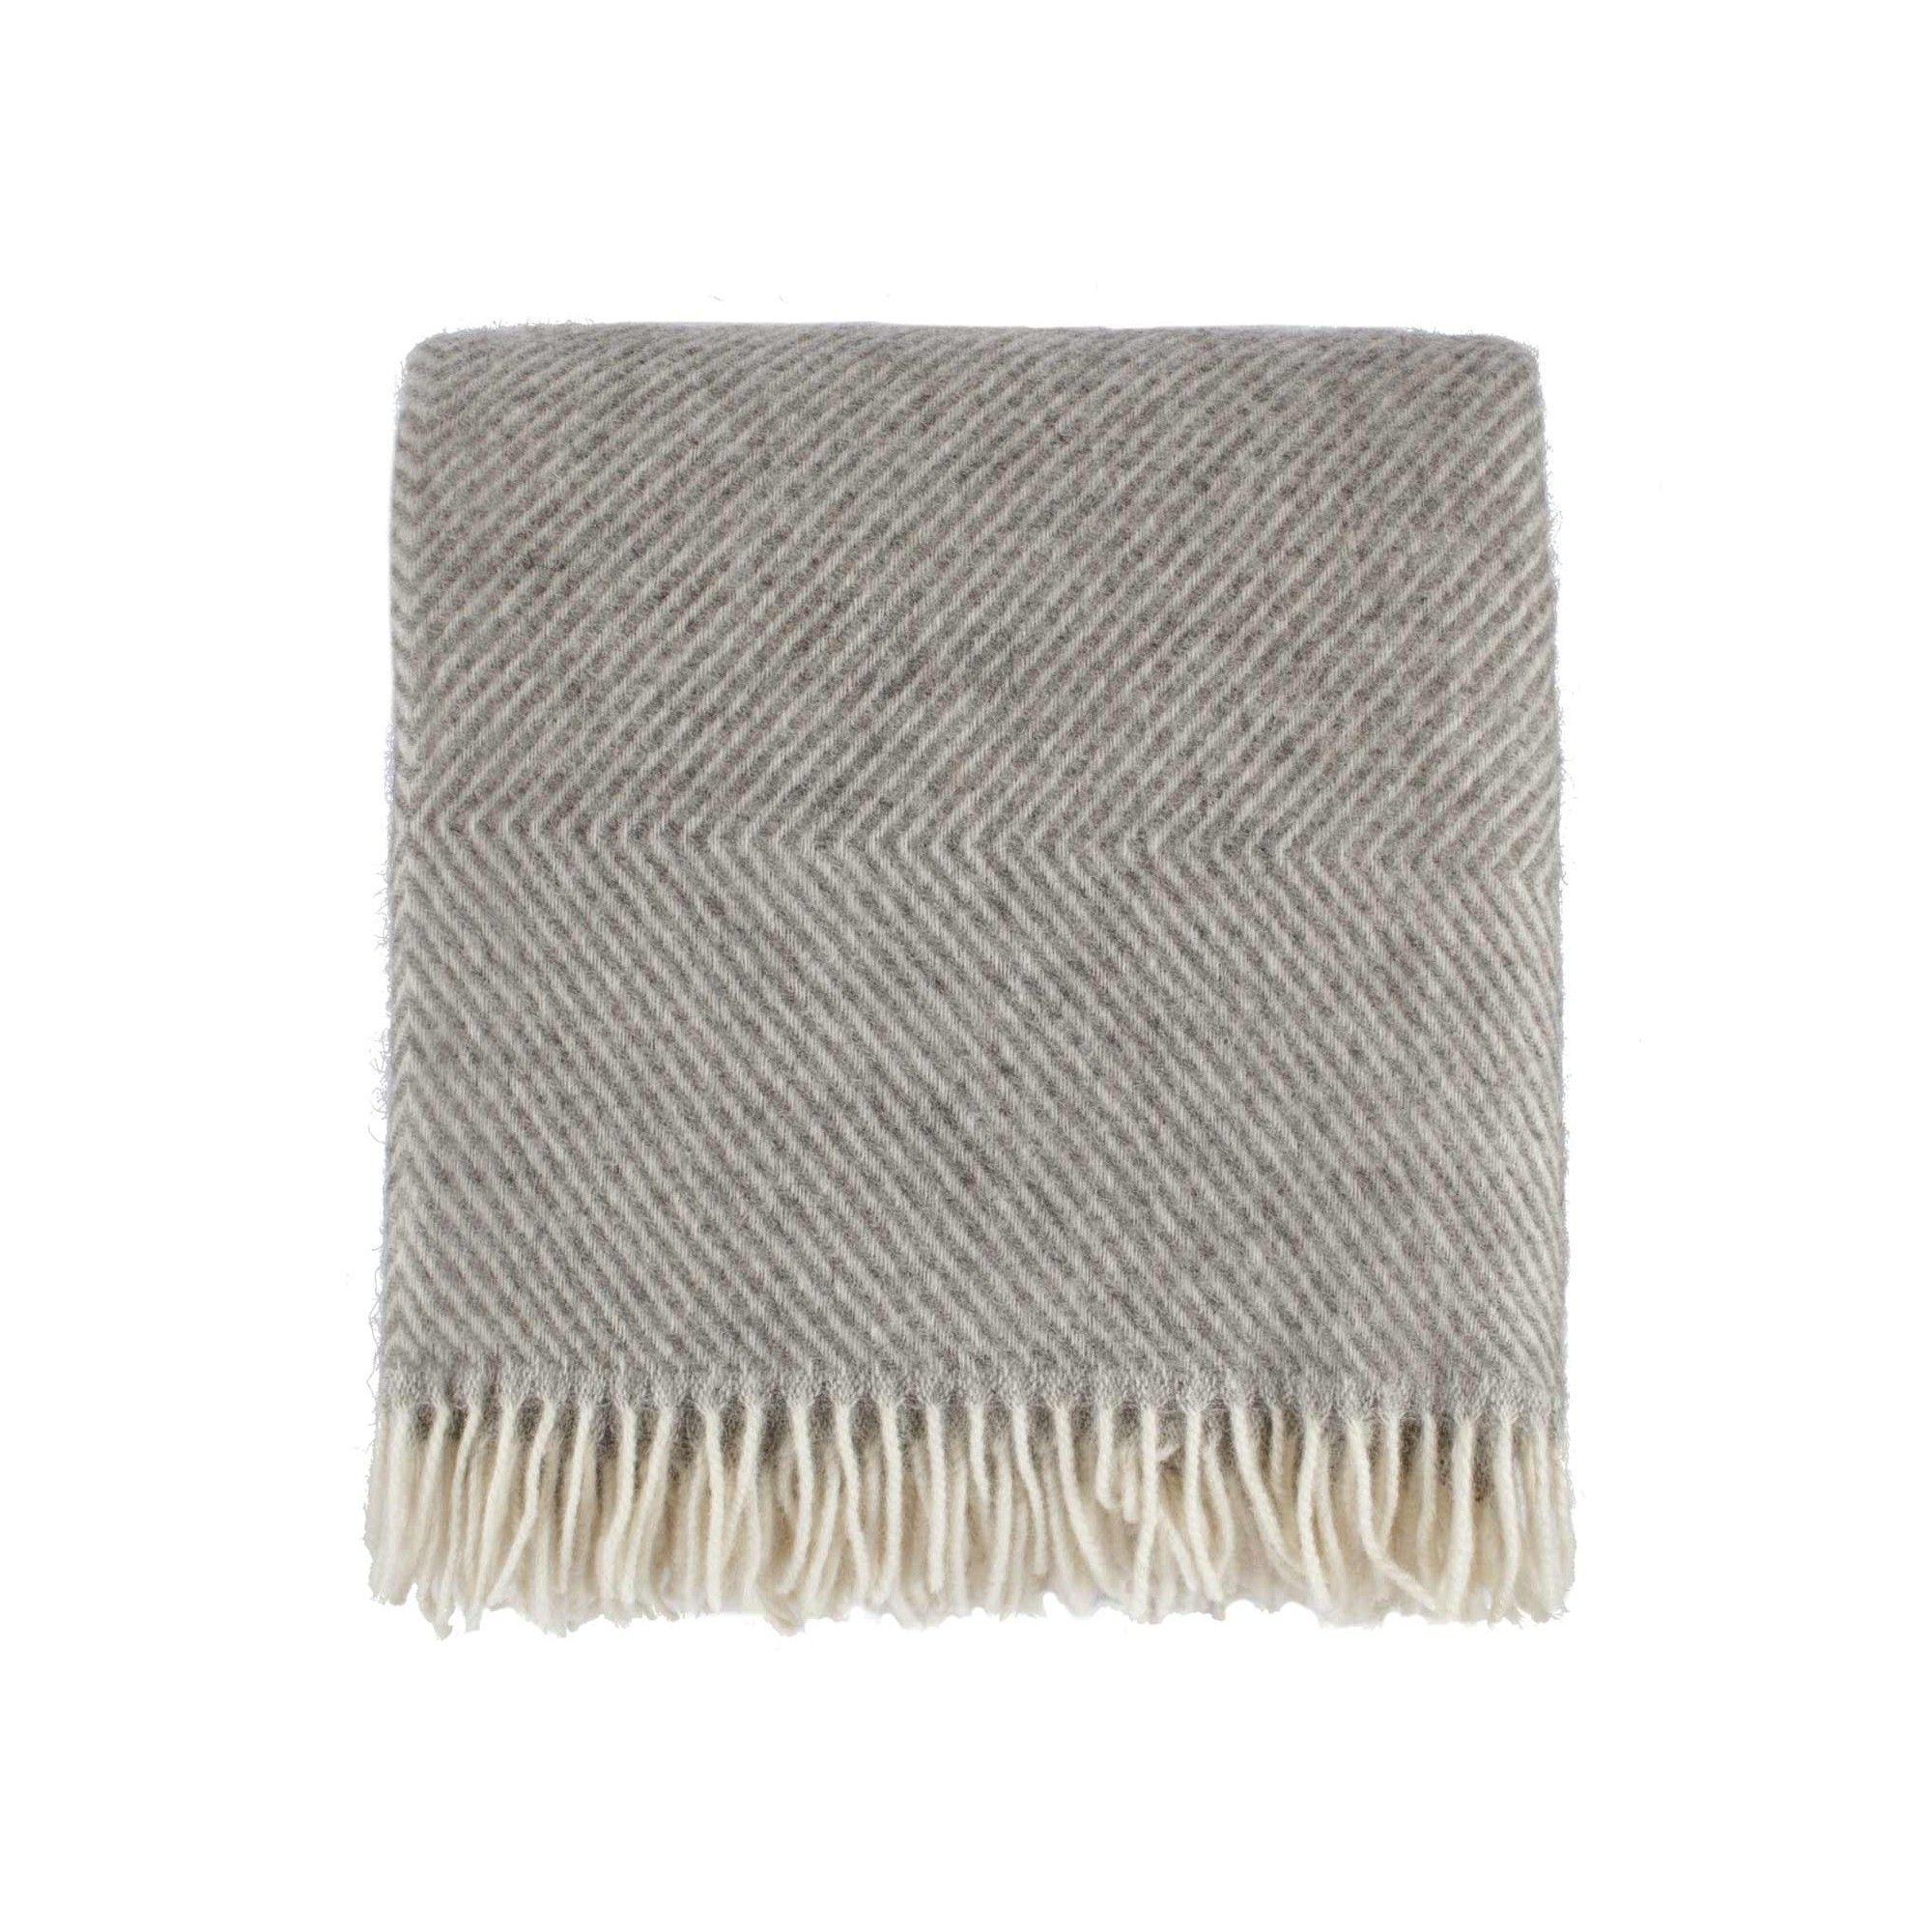 P Fur Unsere Besonders Griffige Wolldecke Gotland Wird In